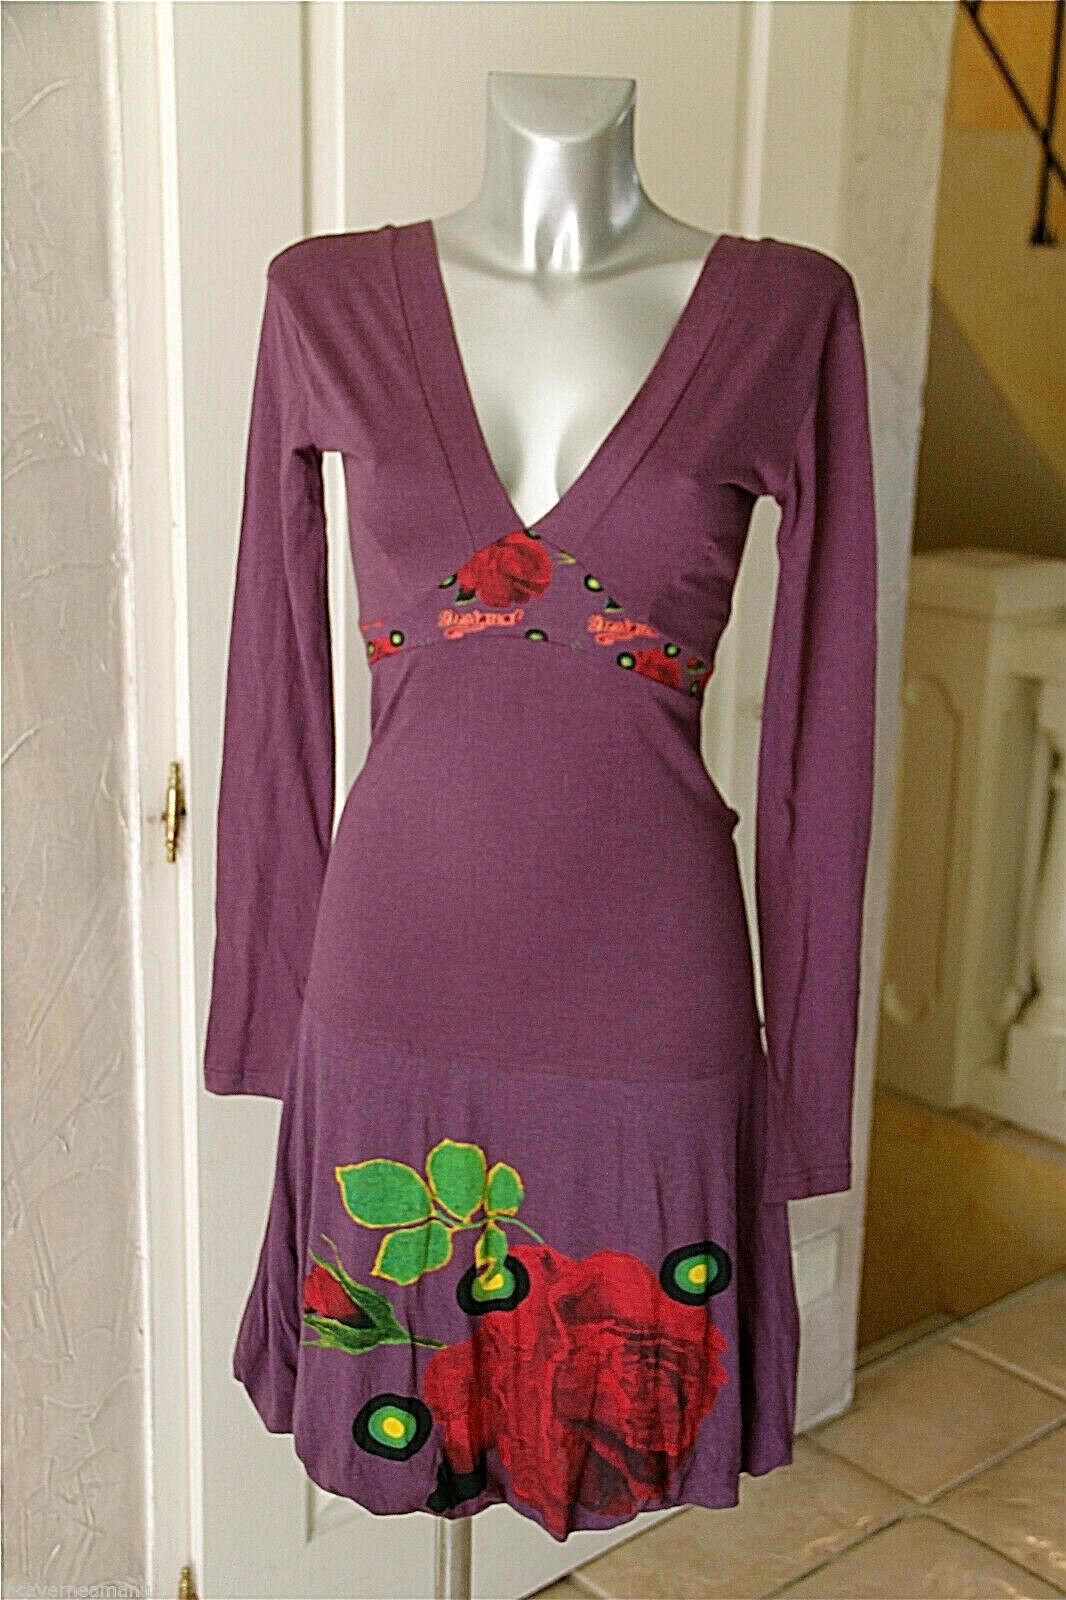 Jolie robe en coton viscose lilate DESIGUAL Größe S  NEUVE ÉTIQUETTE